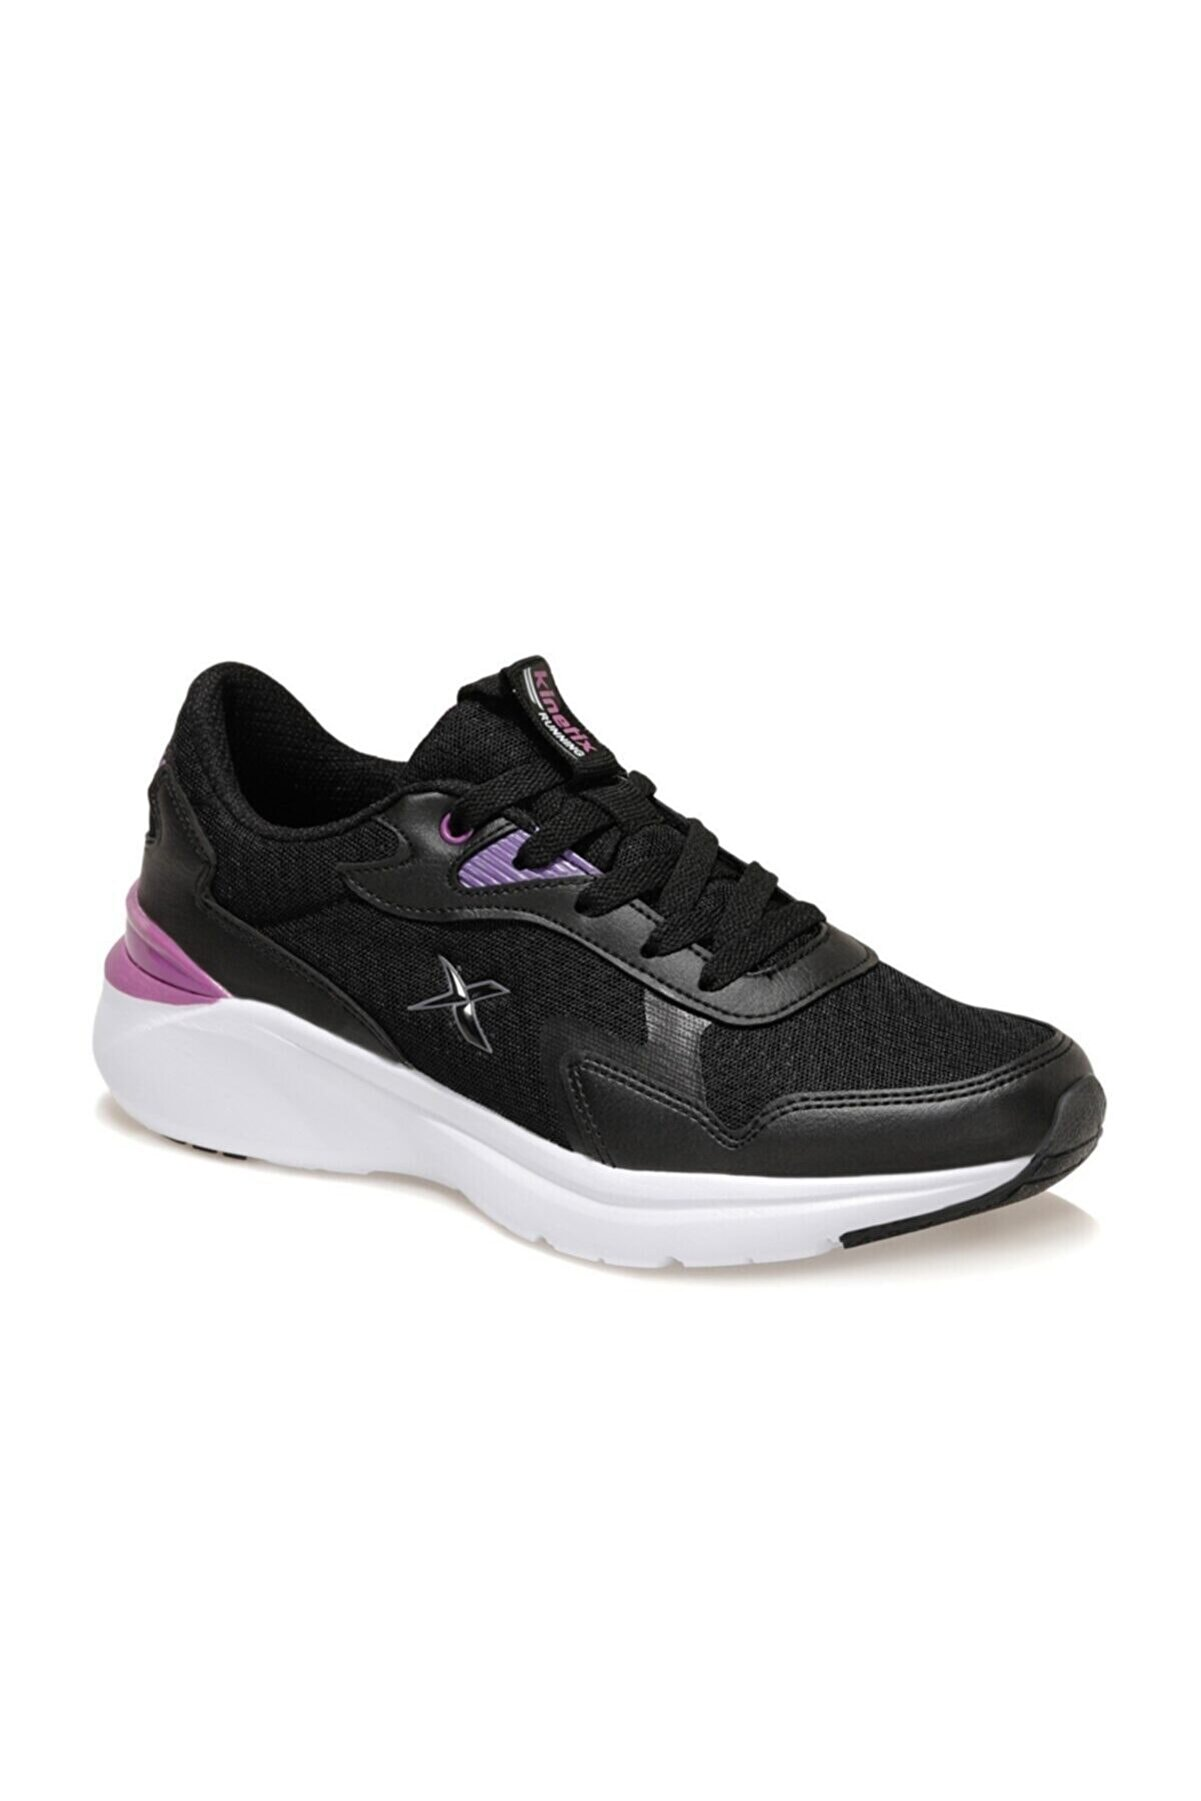 Kinetix VERNA TX W 1FX Siyah Kadın Comfort Ayakkabı 100603660